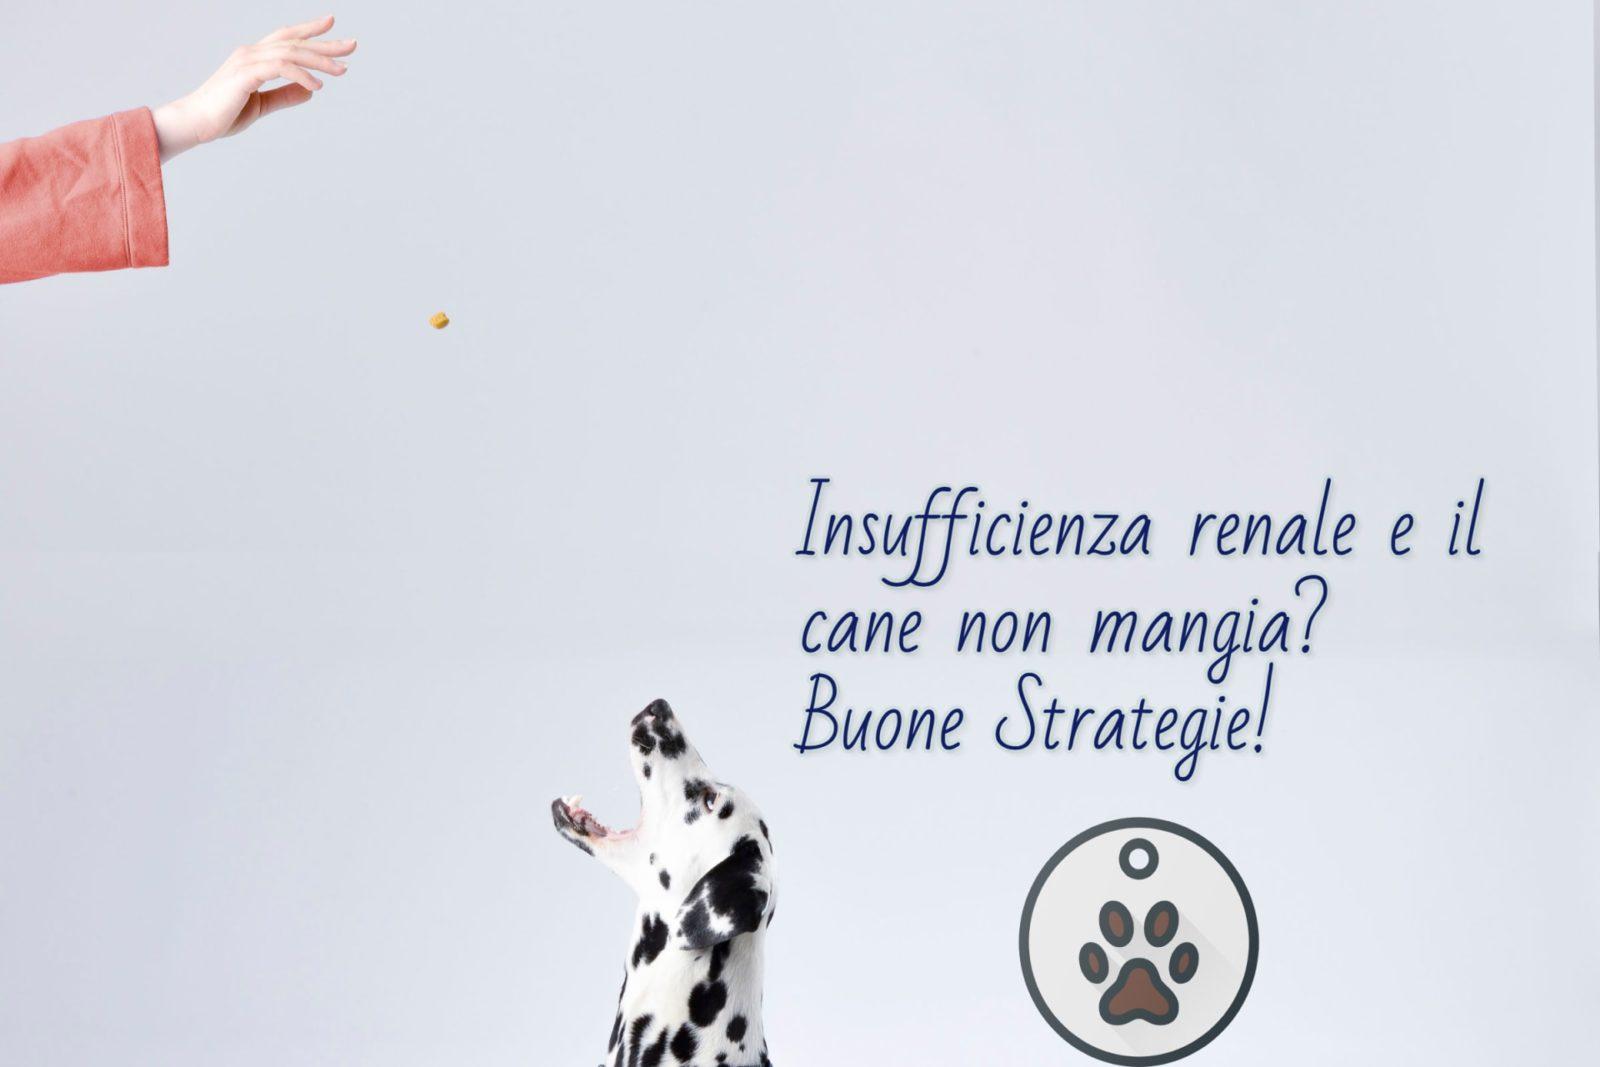 Insufficienza renale cane non mangia